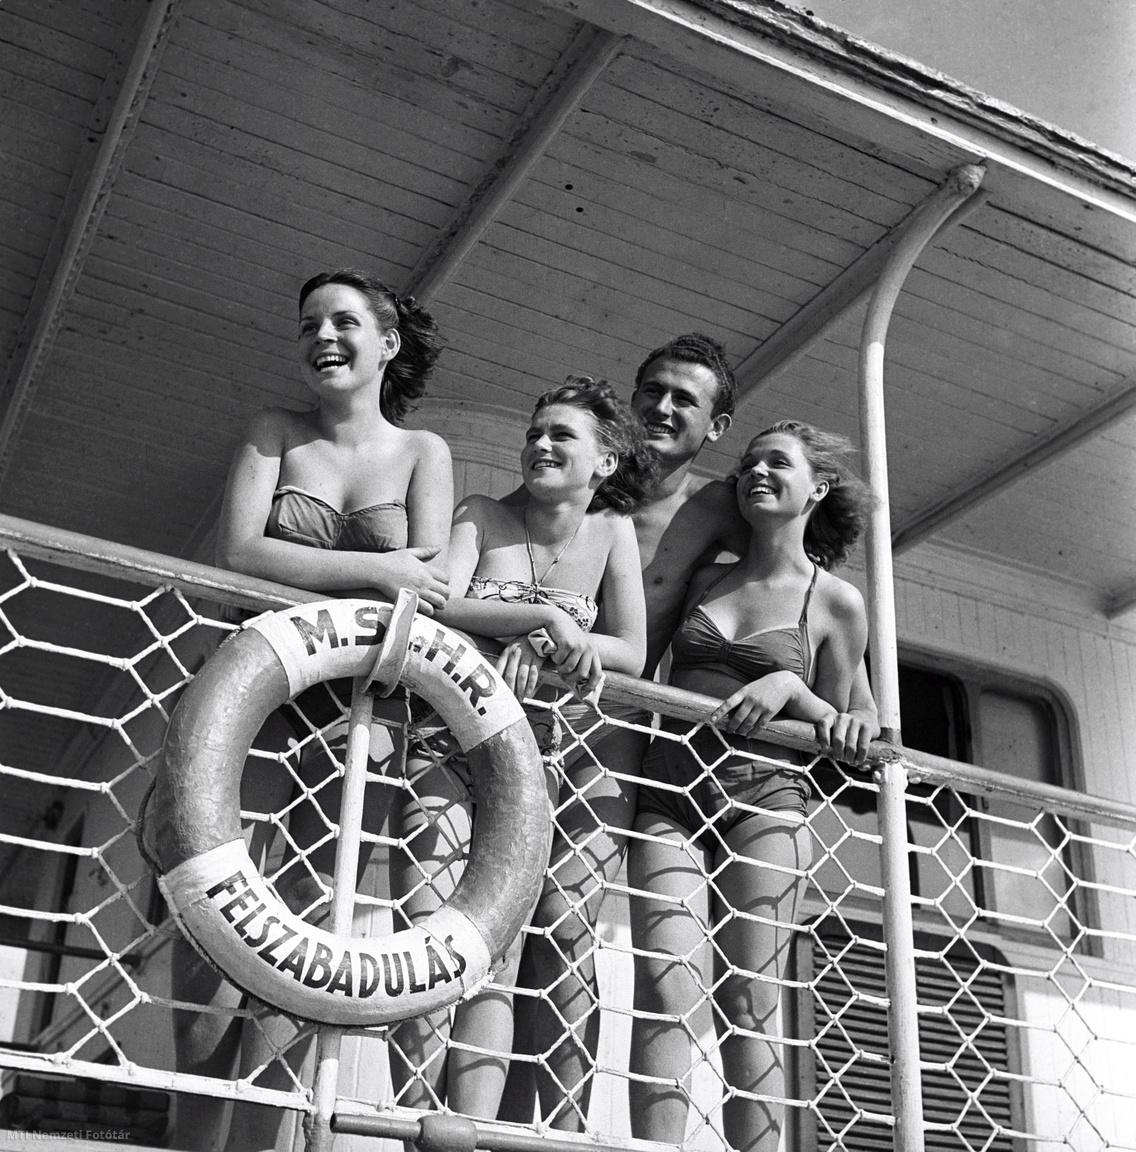 Fiatalok a Felszabadulás gőzhajó fedélzetén 1950 júliusában, amelyen üdültetési céllal strandot alakítottak ki